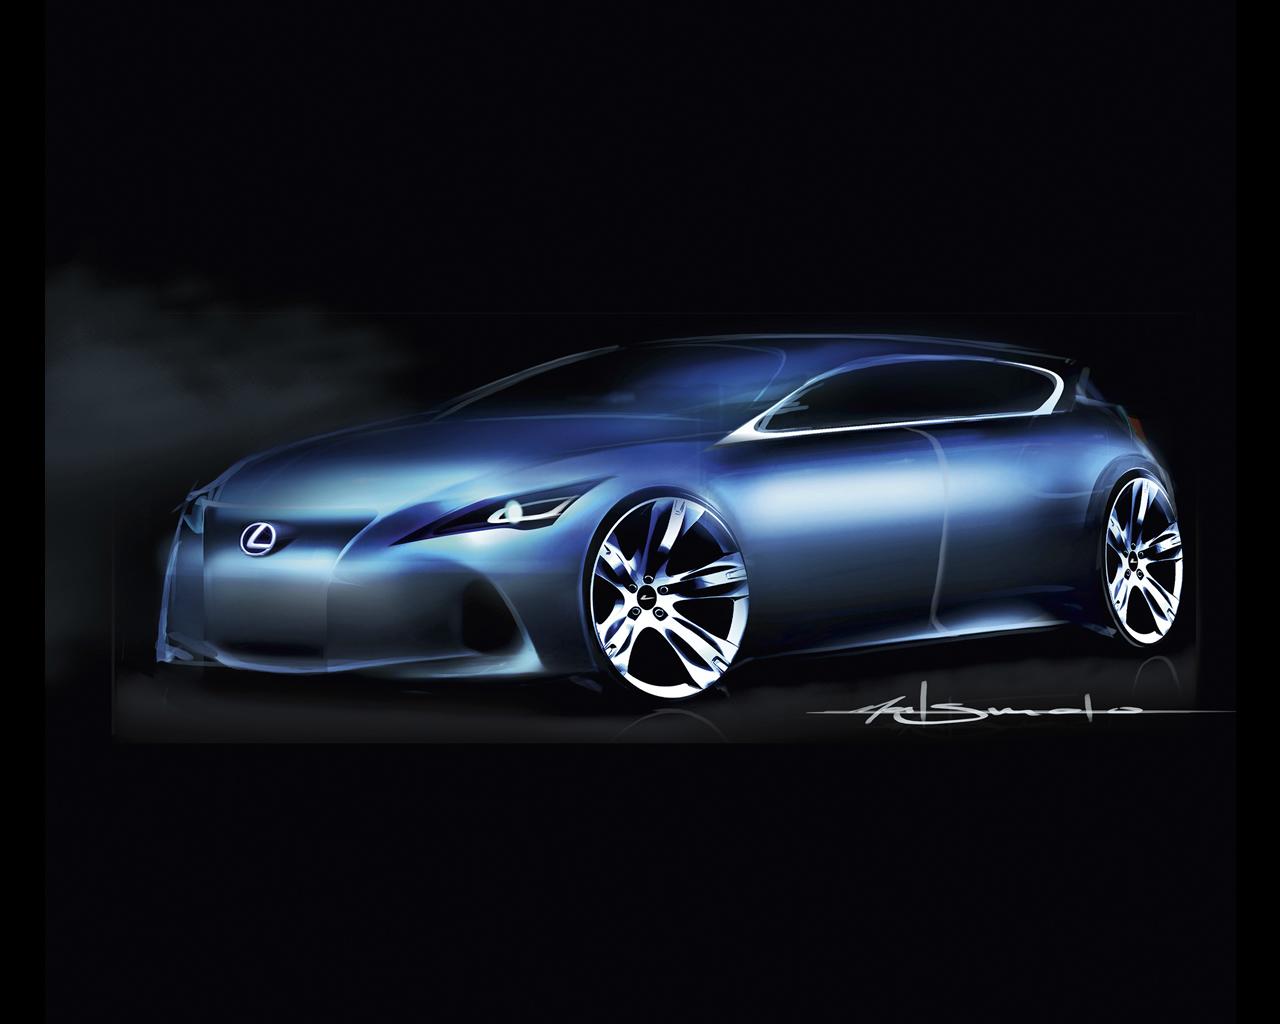 http://www.autoconcept-reviews.com/cars_reviews/lexus/lexus-lf-ch-concept-2009/wallpaper/image13.jpg